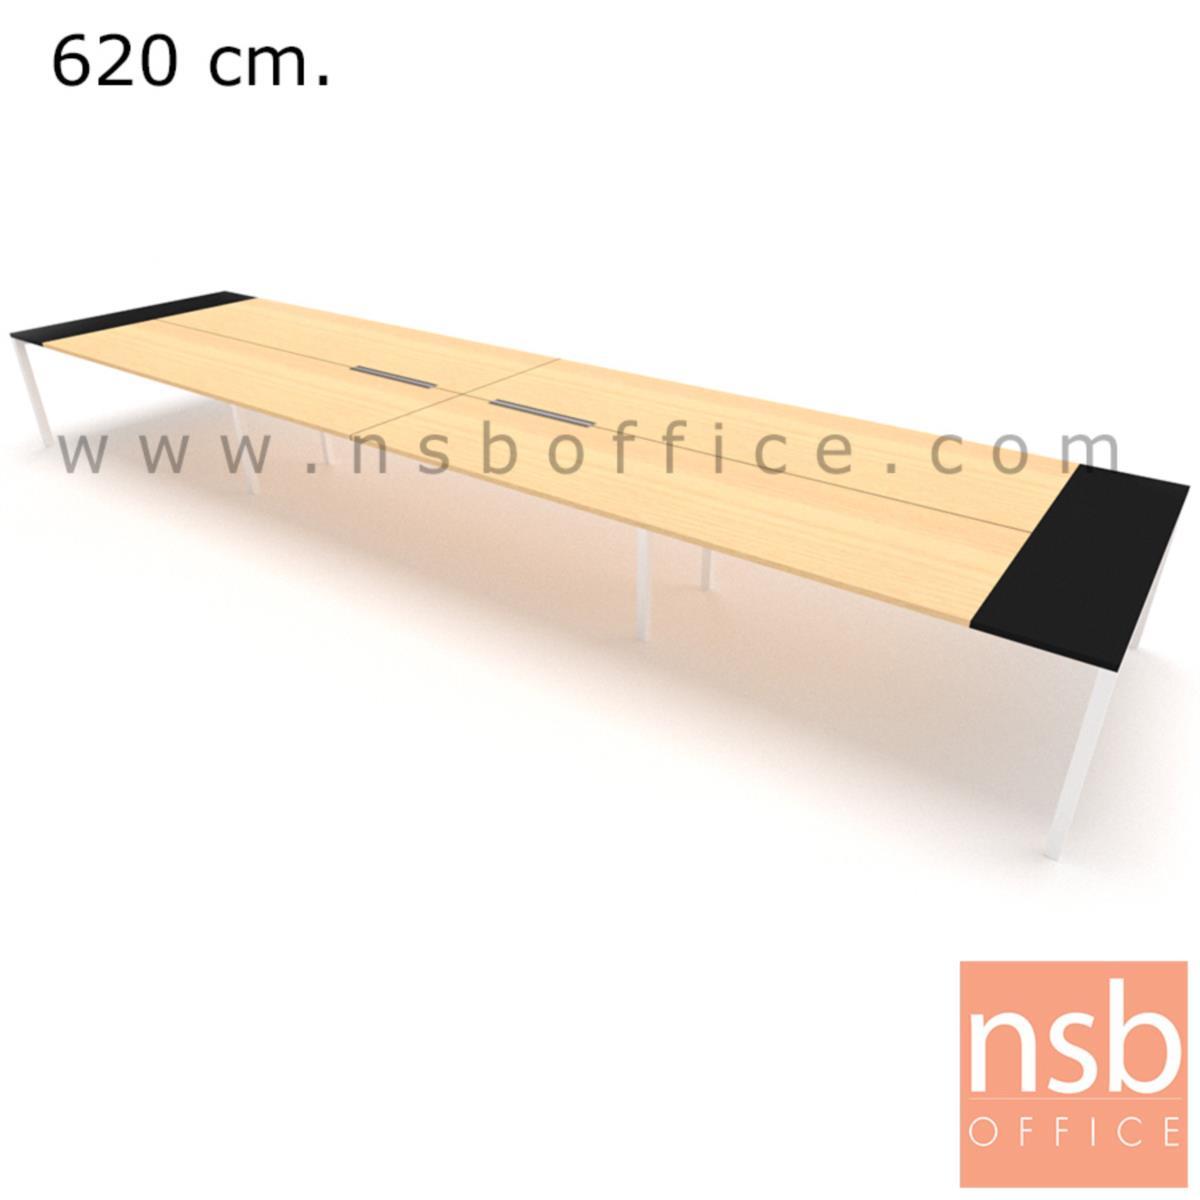 โต๊ะประชุมทรงสี่เหลี่ยม 150D cm. NSB-SQ15  พร้อม popup แบบสองทาง